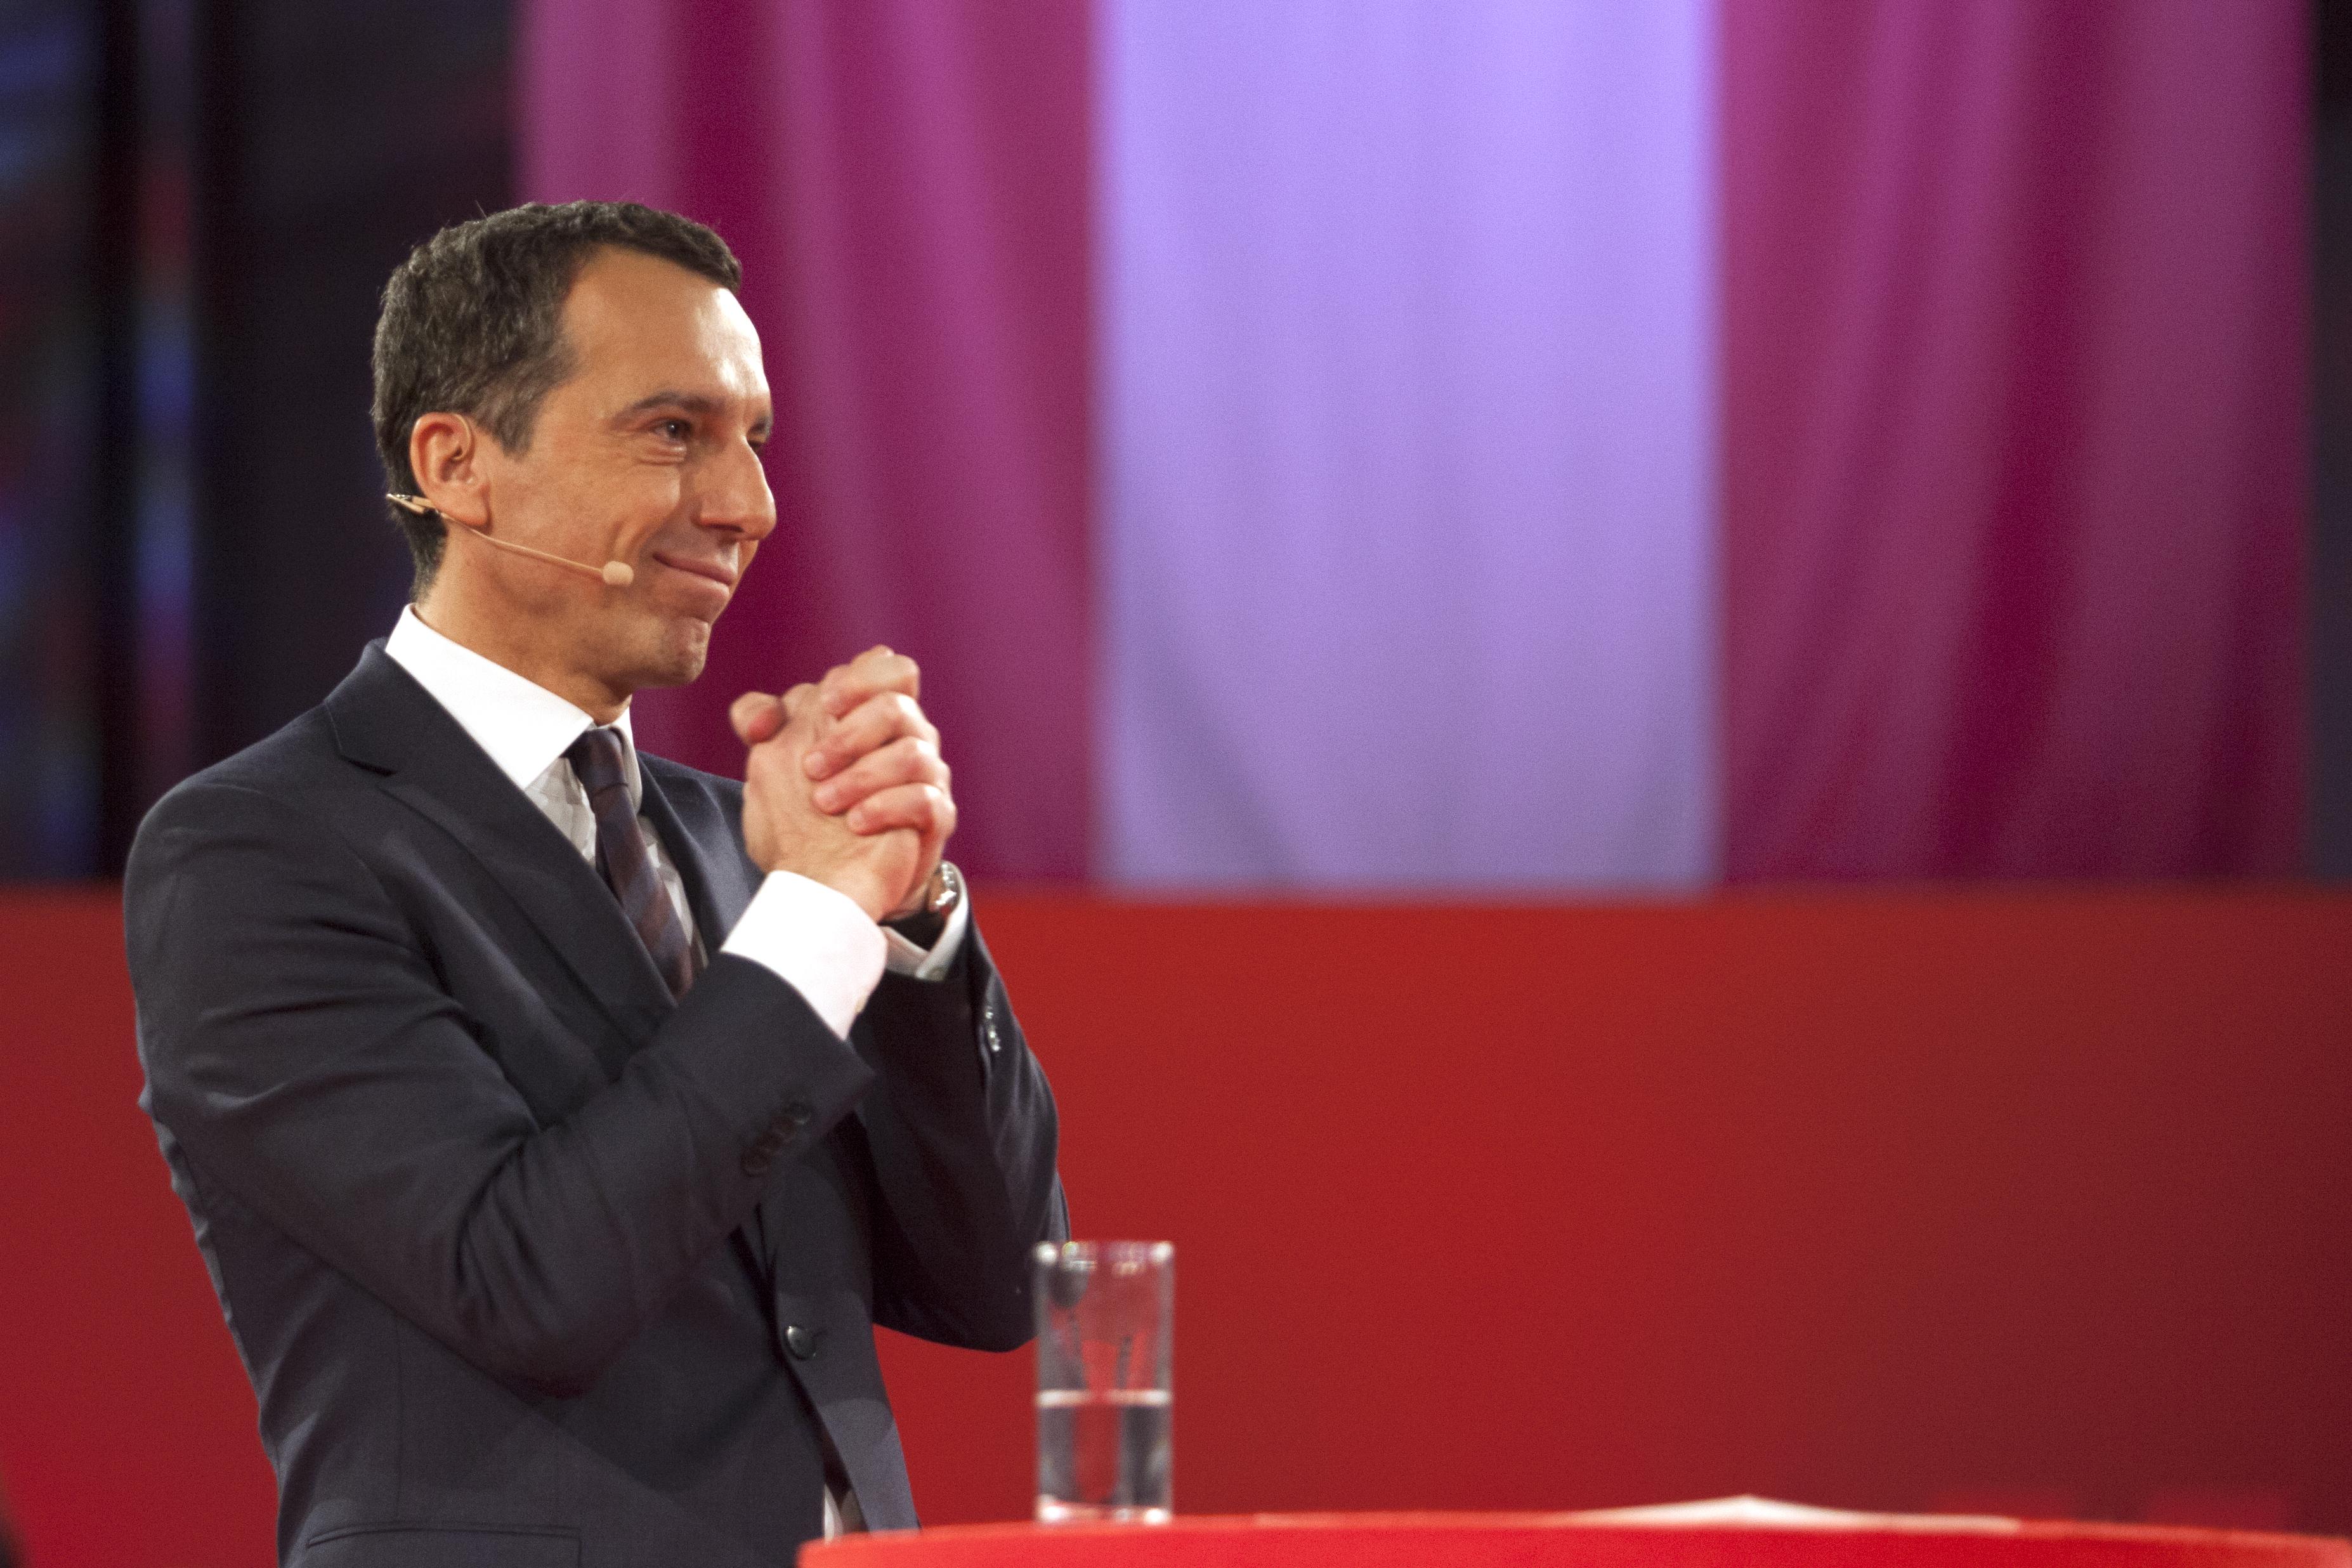 Magyarországot bírálta lapinterjújában Christian Kern osztrák kancellár